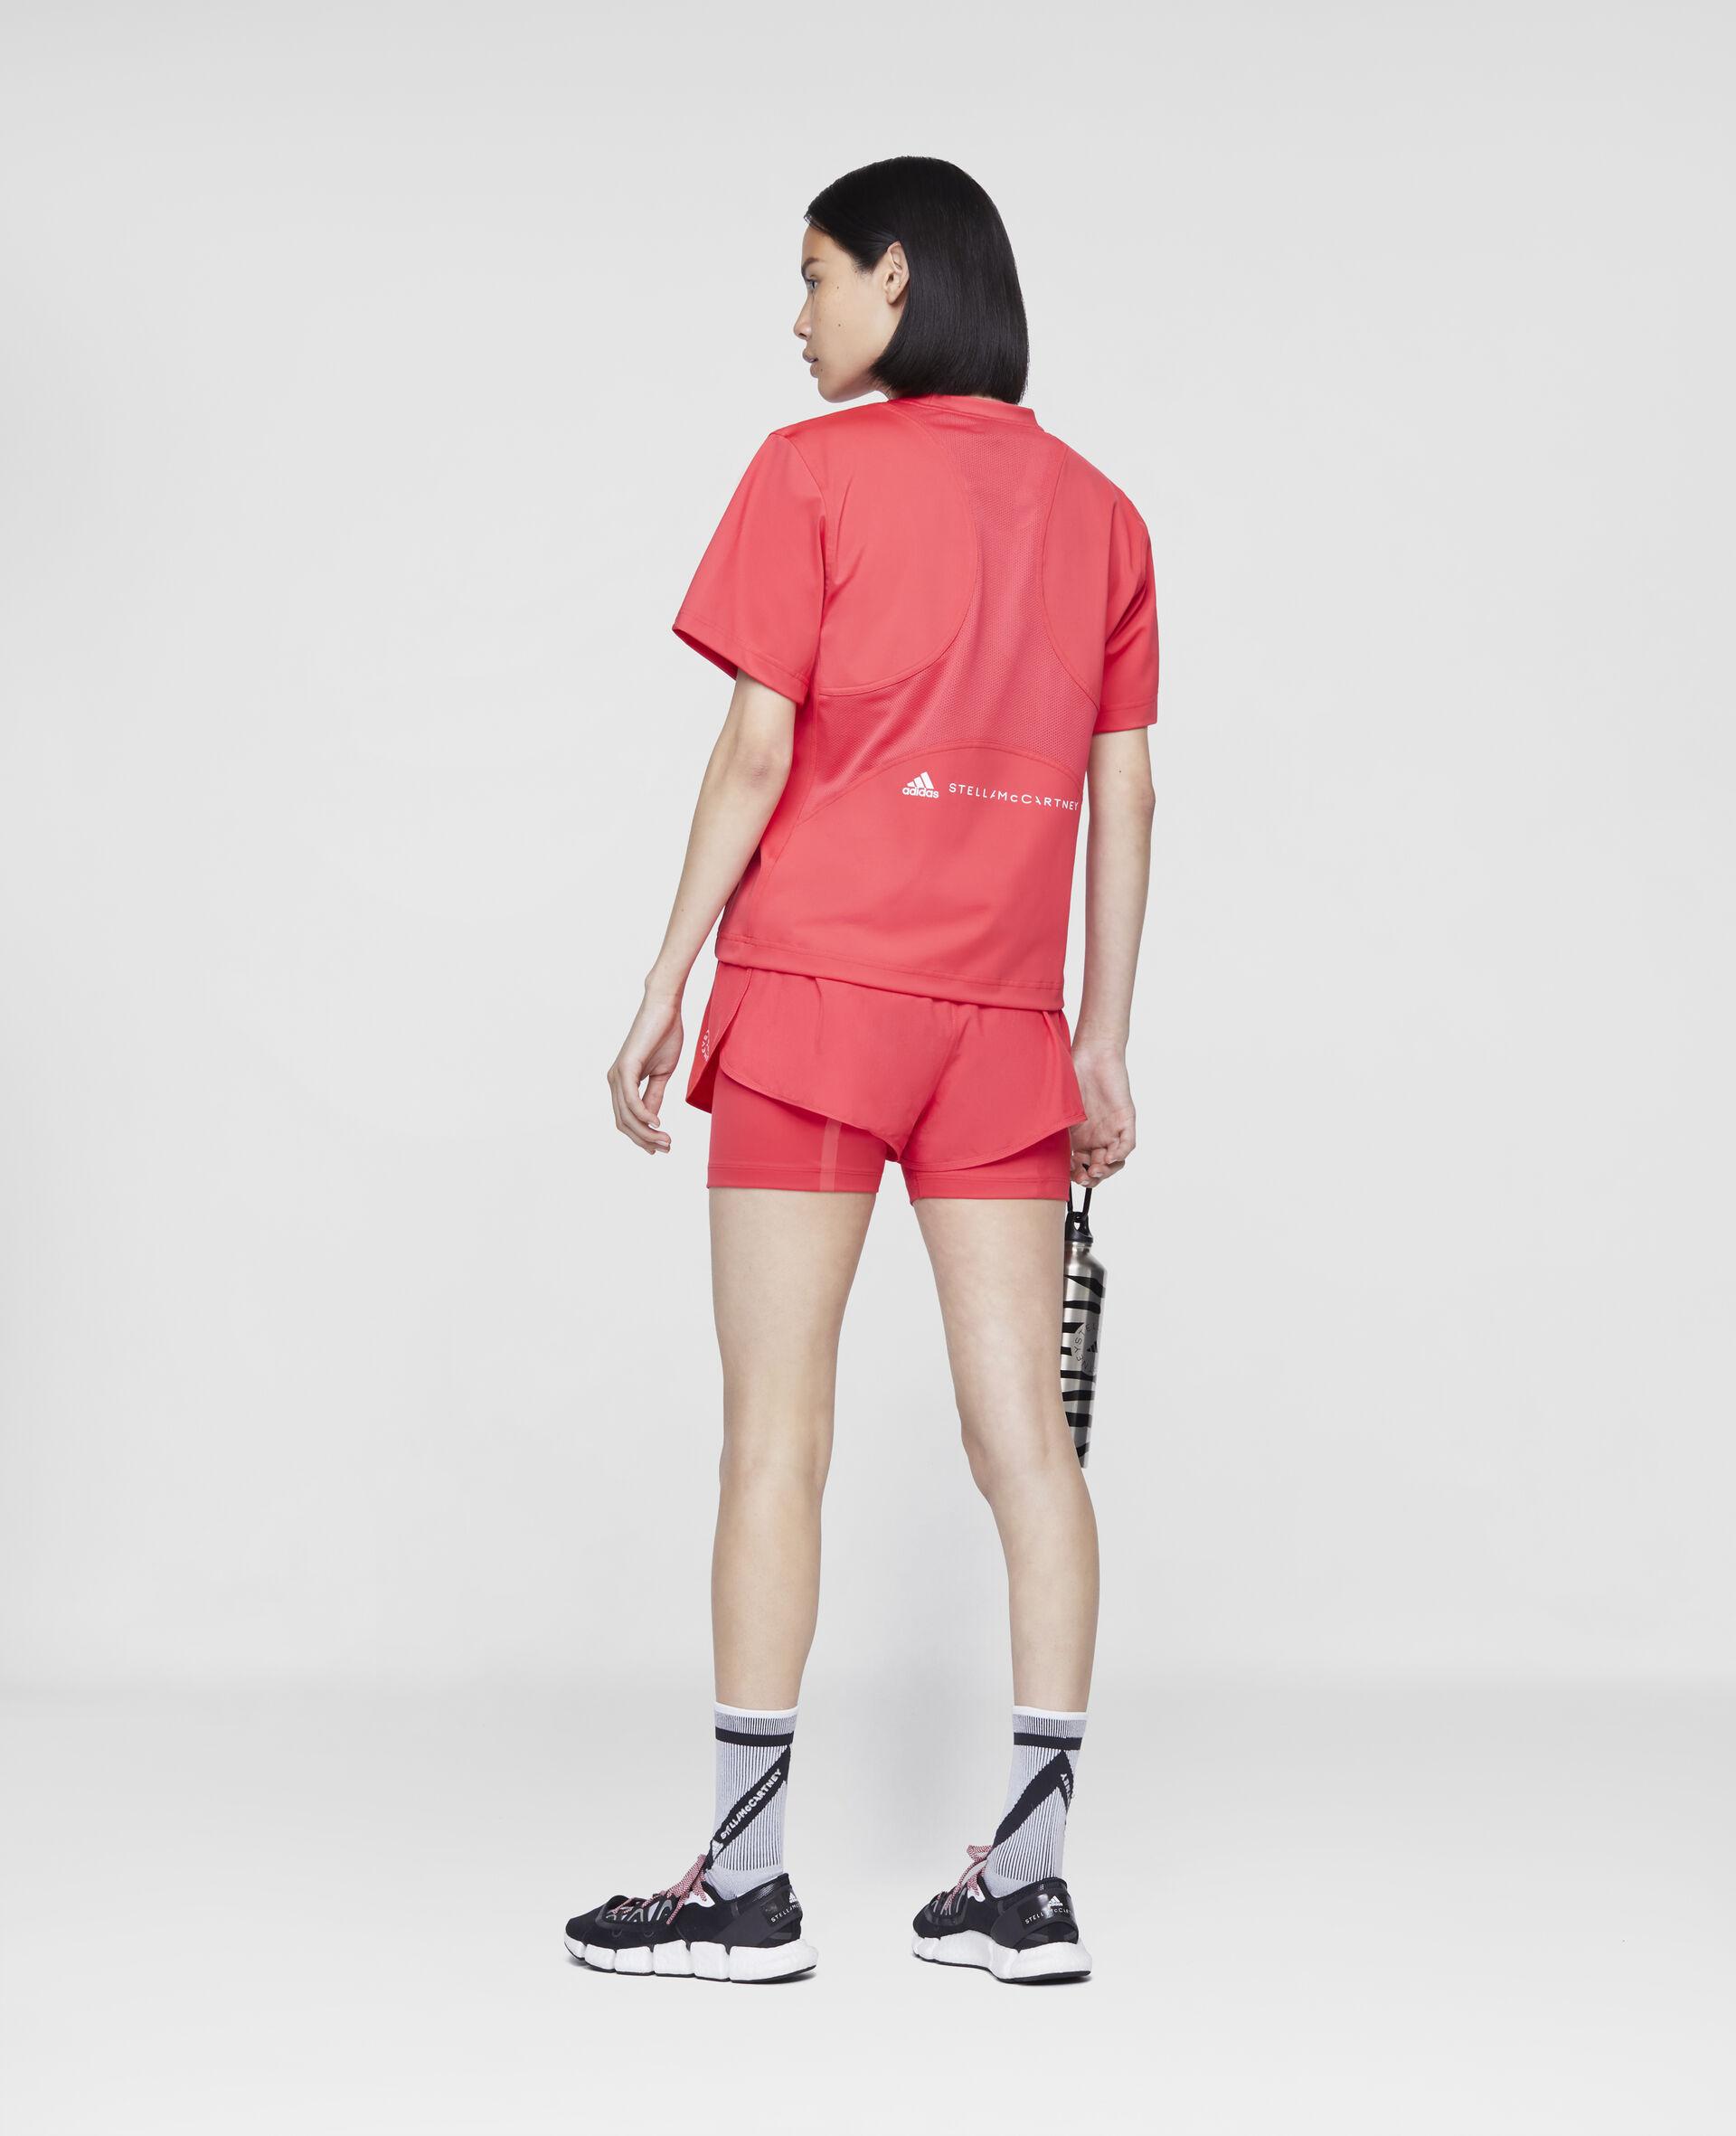 Pink TruePurpose Training Shorts-Pink-large image number 2